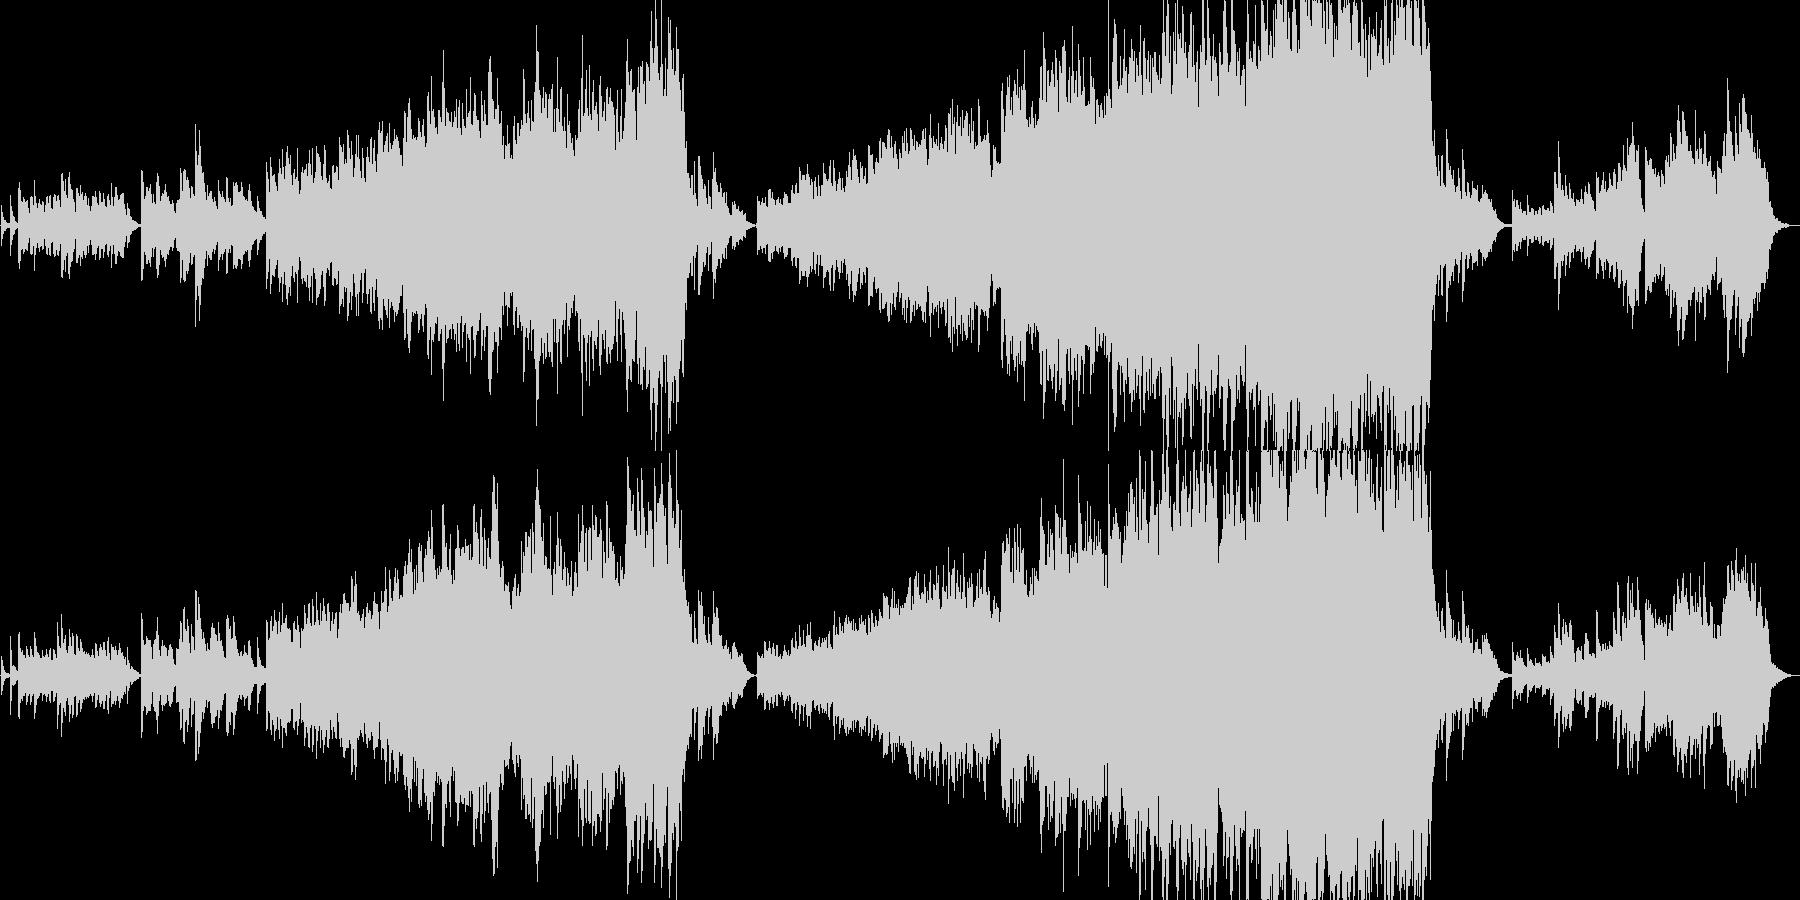 クラシック 交響曲 ほのぼの 幸せ...の未再生の波形